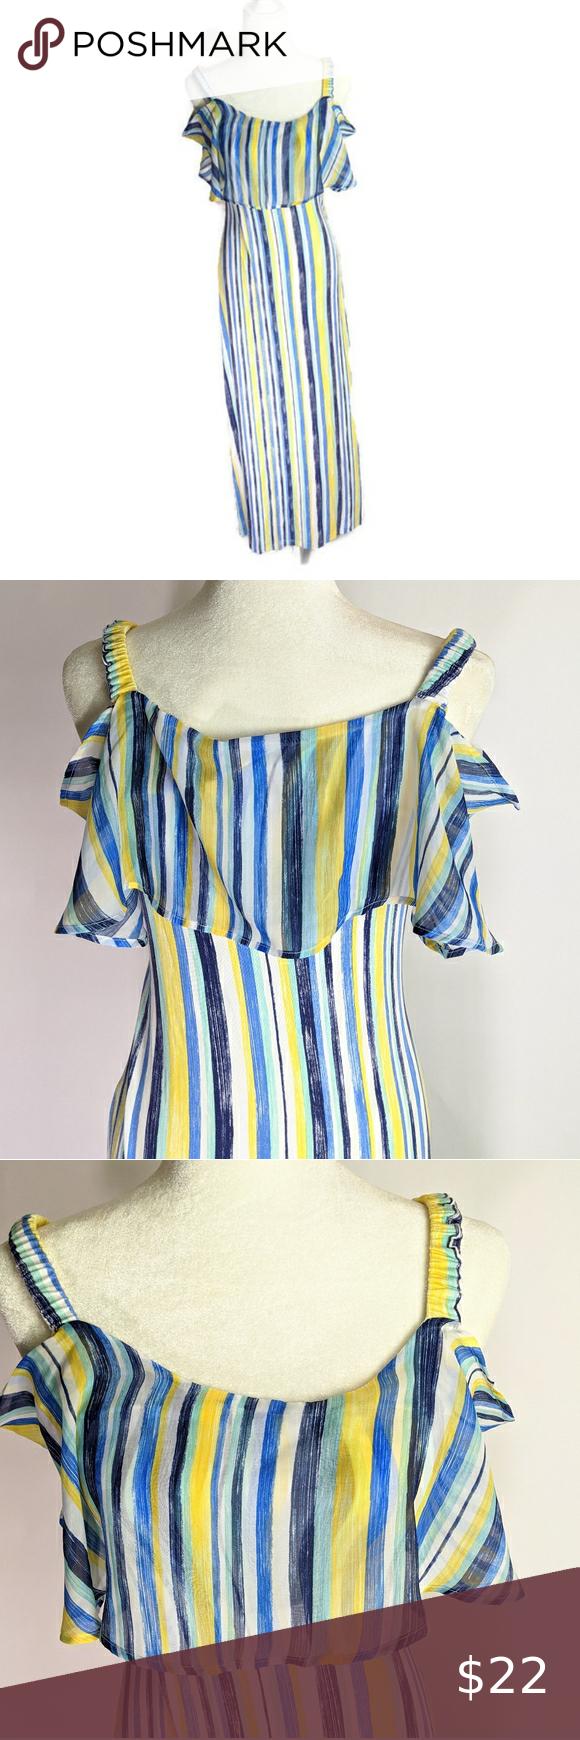 Design 365 Vertical Stripe Maxi Dress Striped Maxi Dresses Clothes Design Striped Maxi [ 1740 x 580 Pixel ]